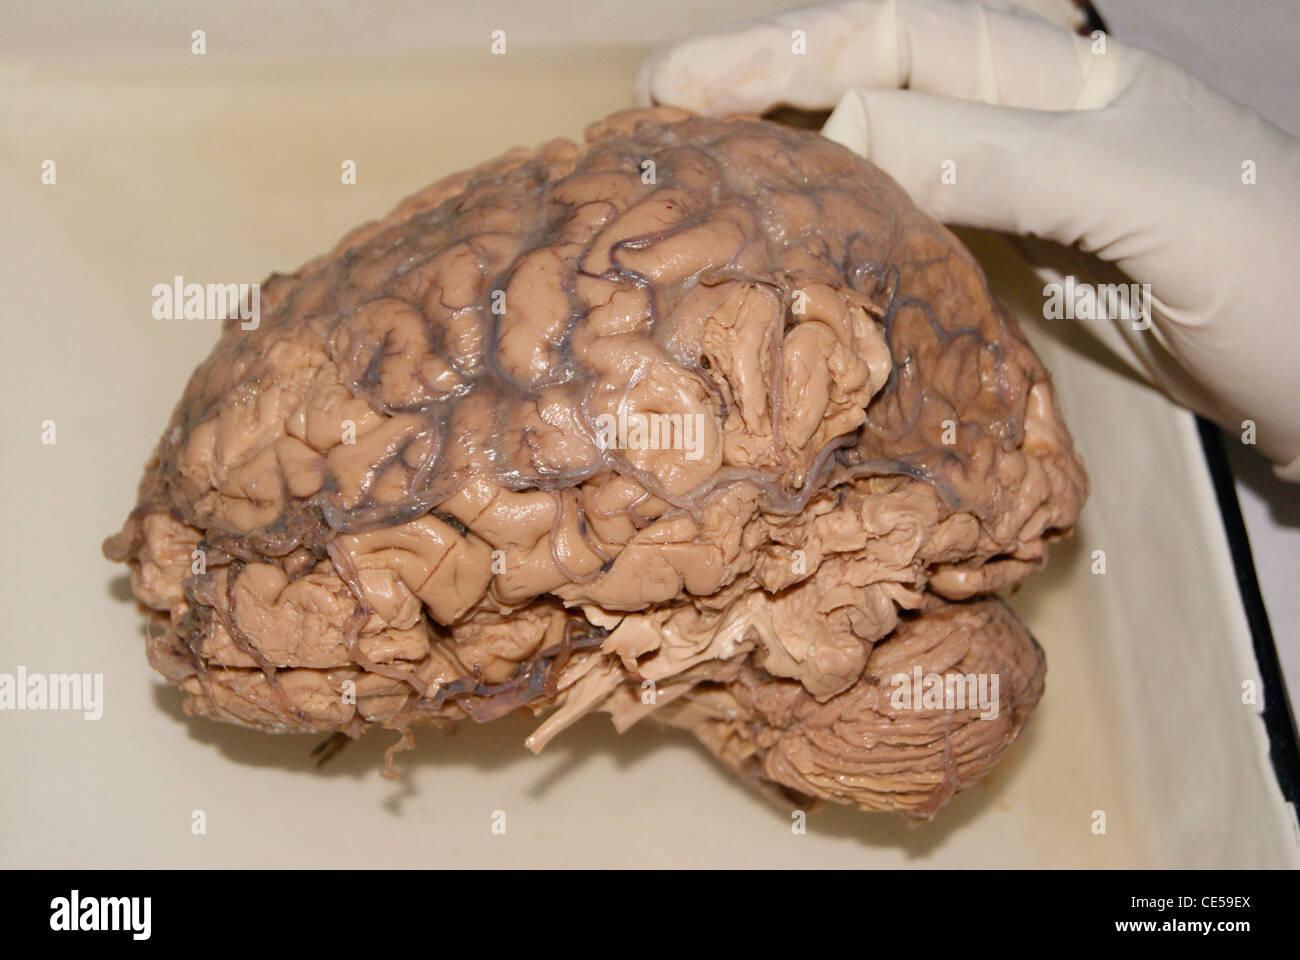 Les droits de l'original de l'examen du cerveau avec la main (en utilisant des gants) par les médecins. Photo Stock